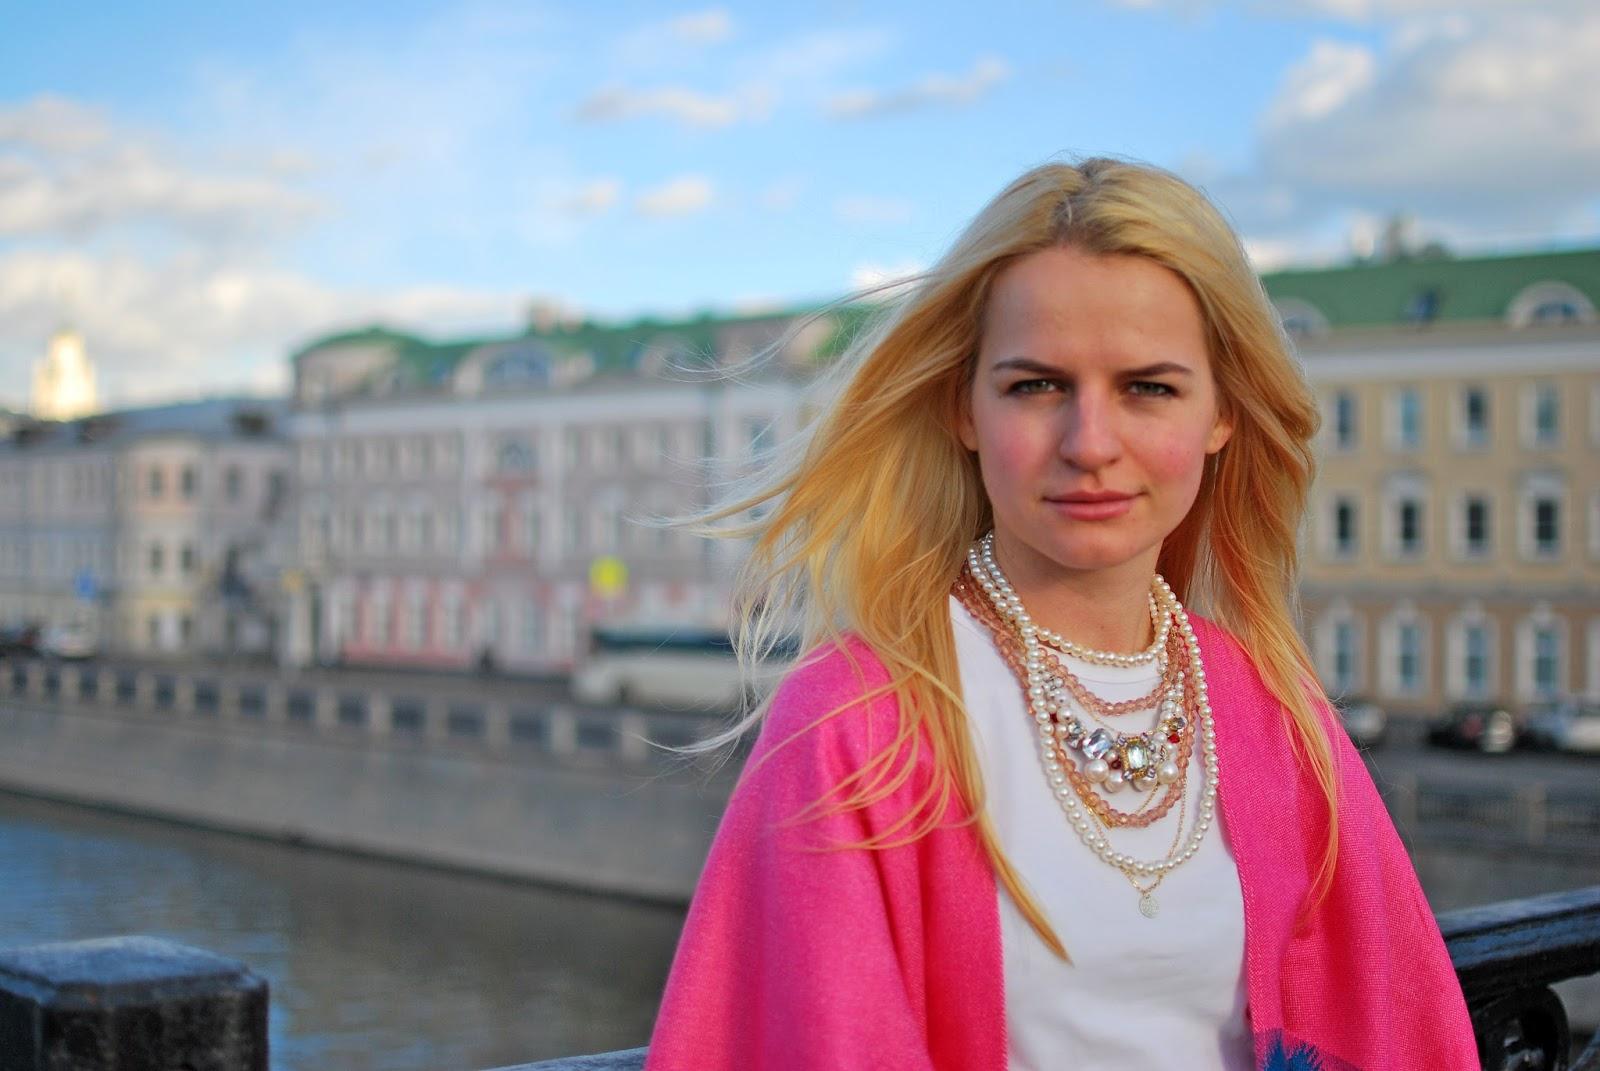 уличная мода, стрит фэшн москва, фэшн блогер москва